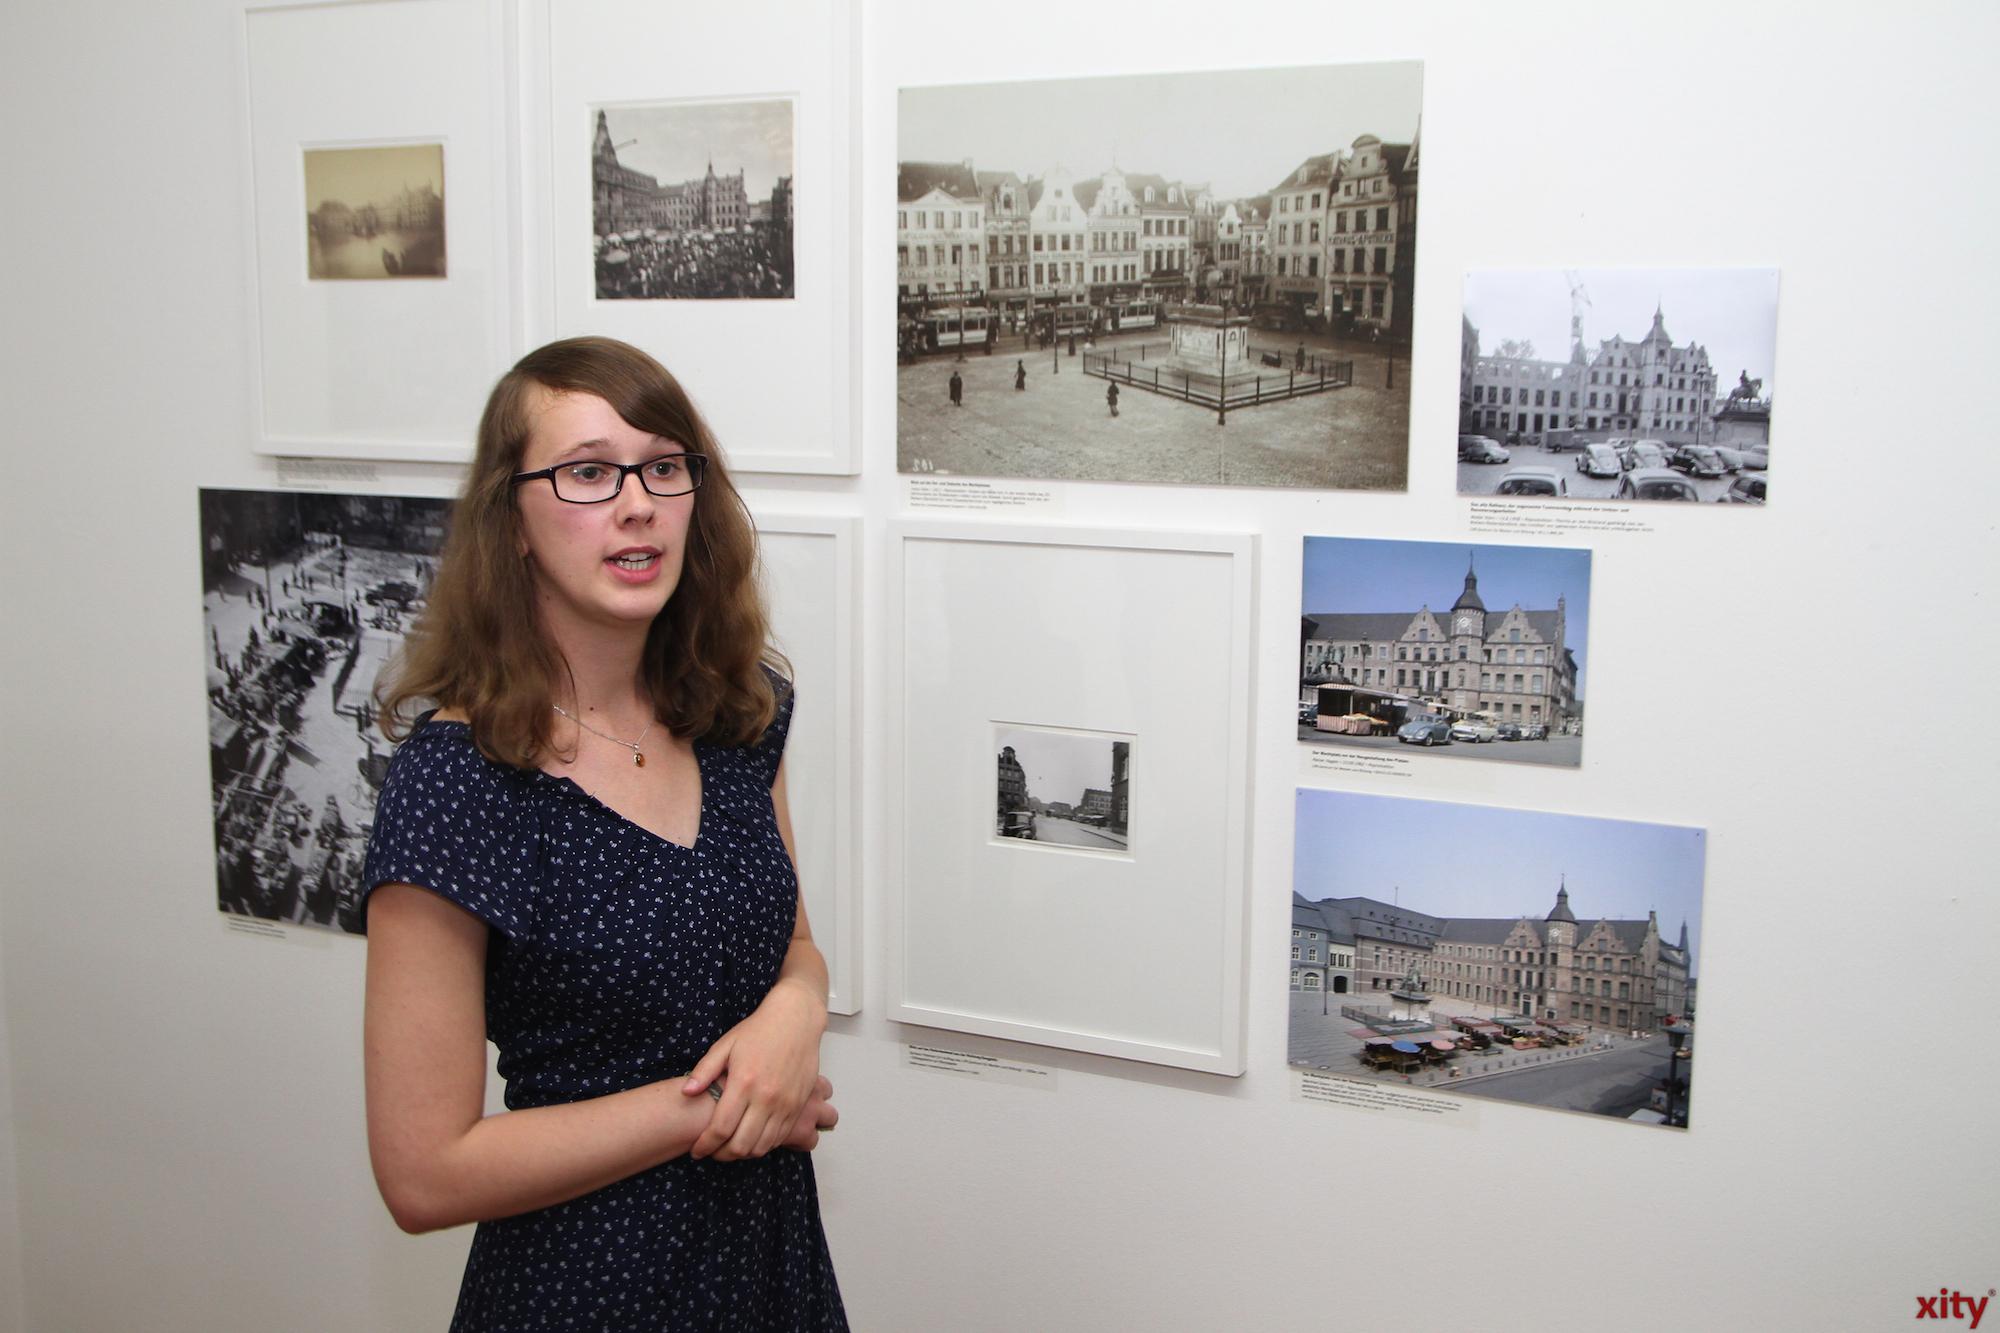 Anja Schumann, Volontärin des Stadtmuseums und Kuratorin der Ausstellung Jan Wellem - Im Herzen Düsseldorfs!? (Foto: xity)